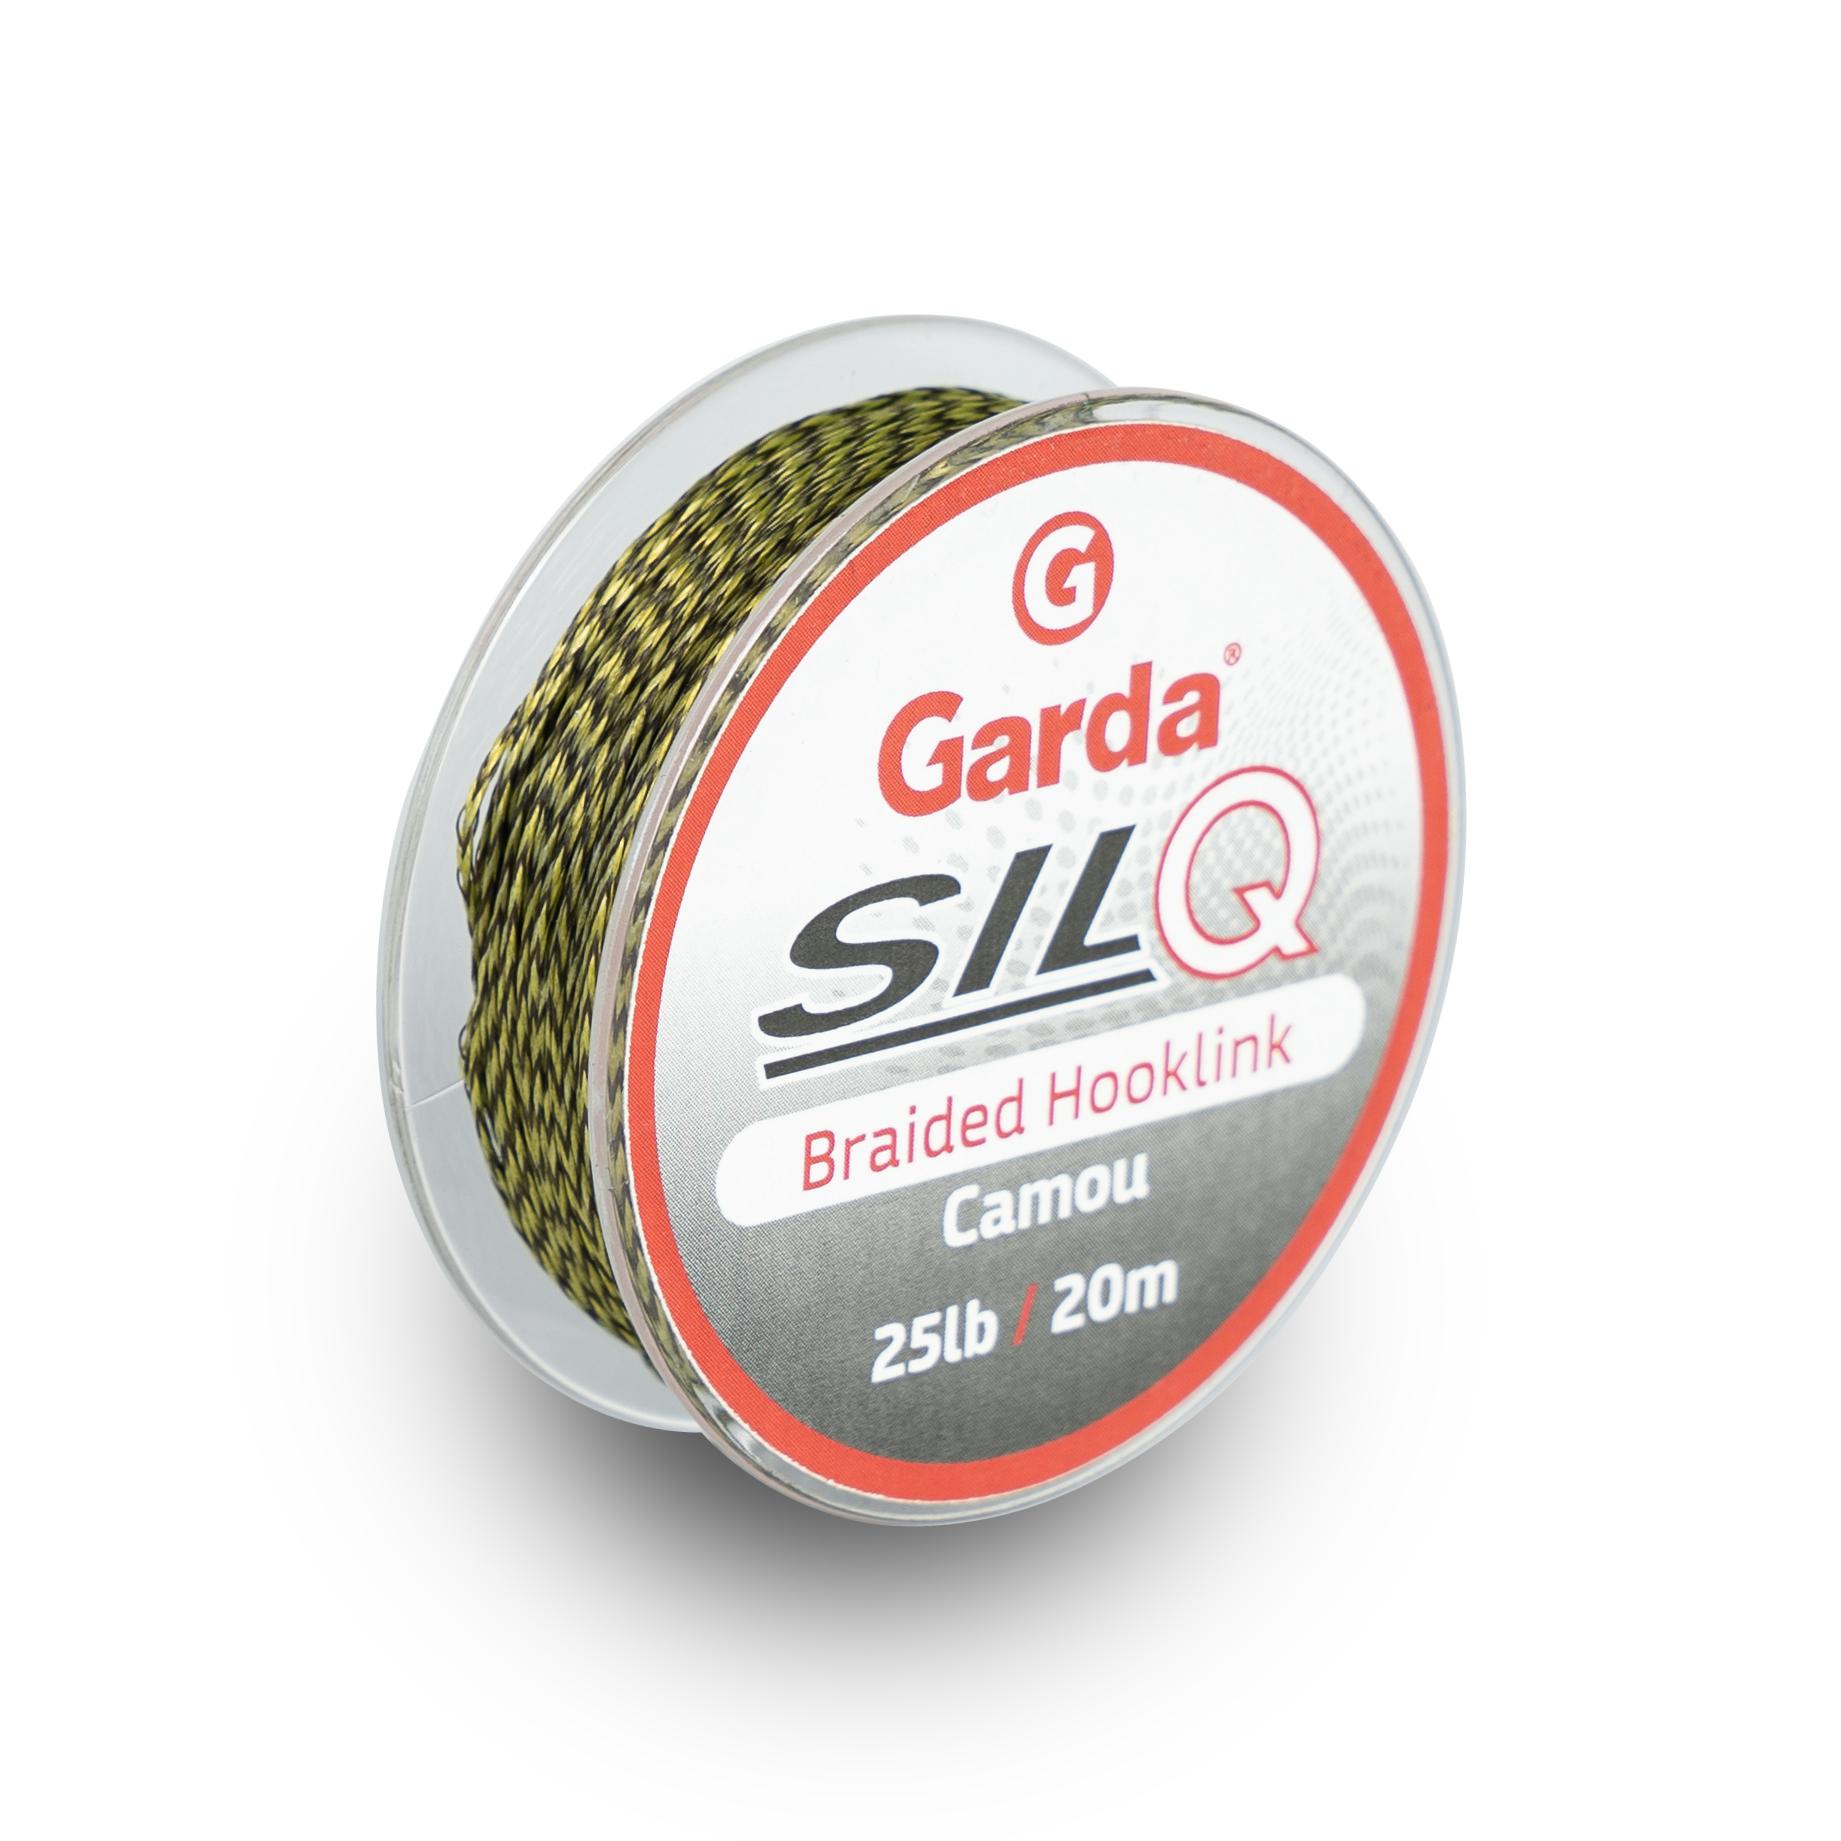 Garda návazcové materiály - SILQ pletený camou 20m 25lb